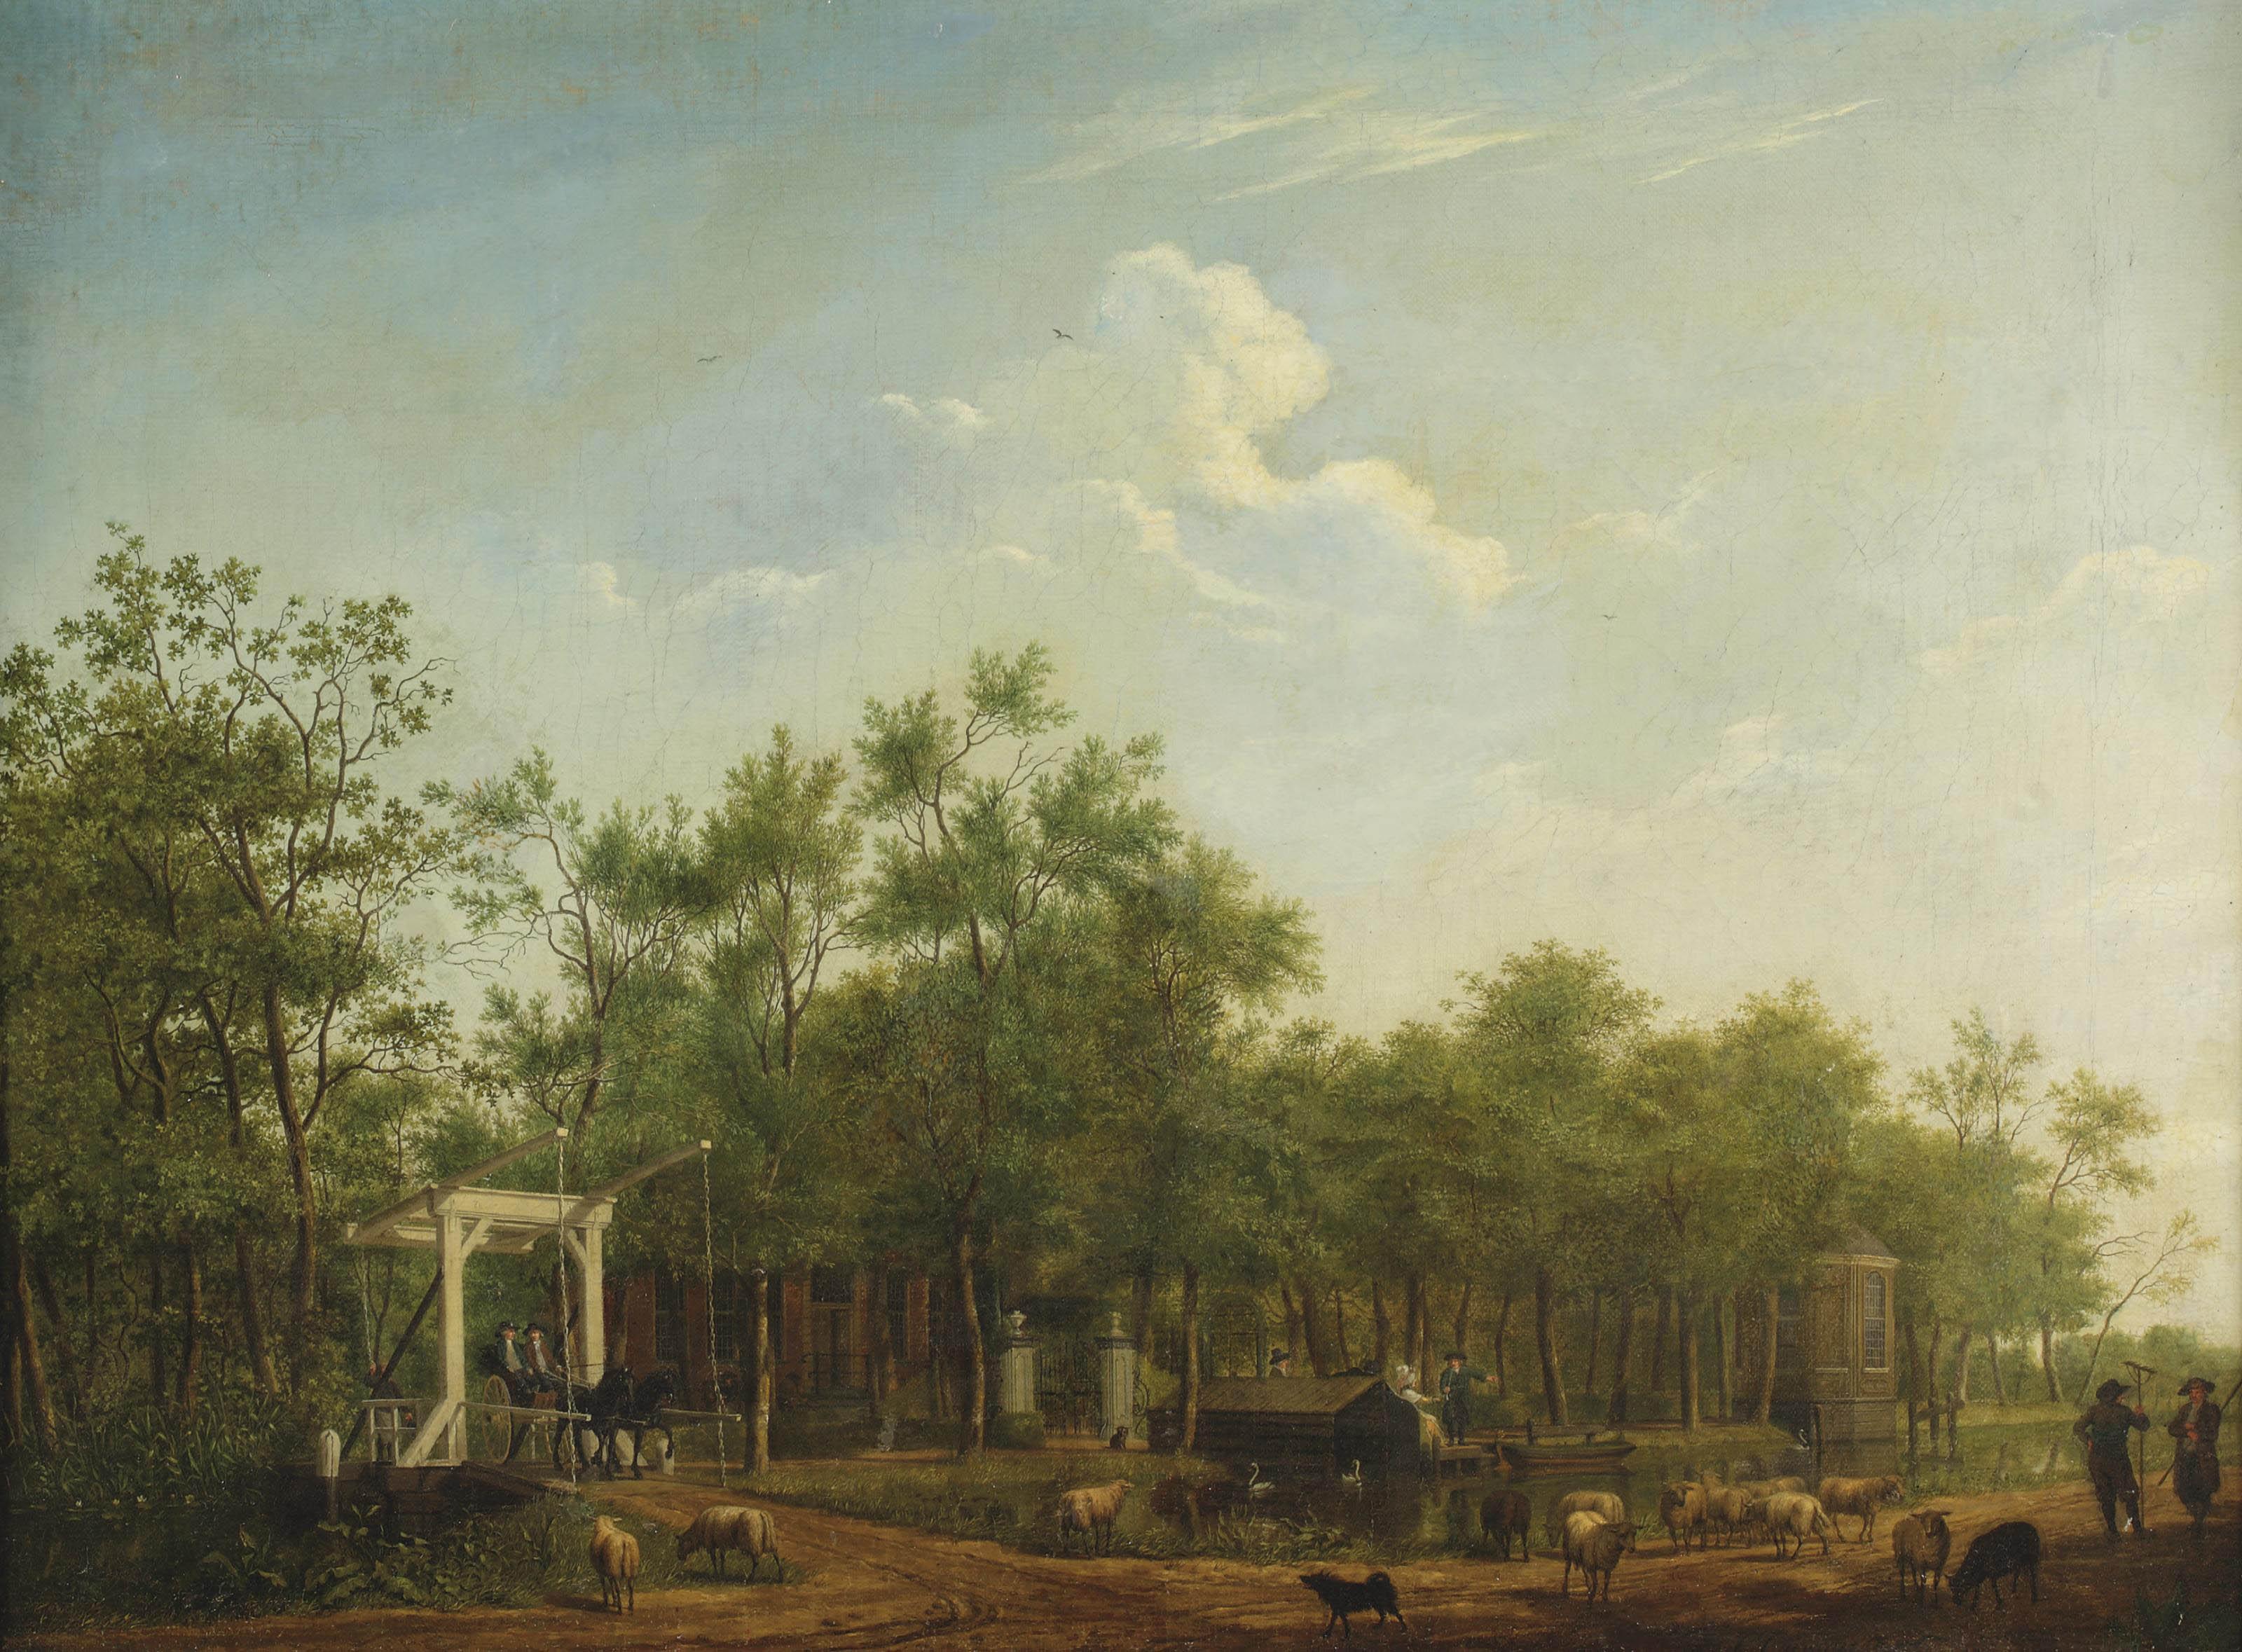 A view of the Donckervliet estate, Braambrugge aan de Amstel